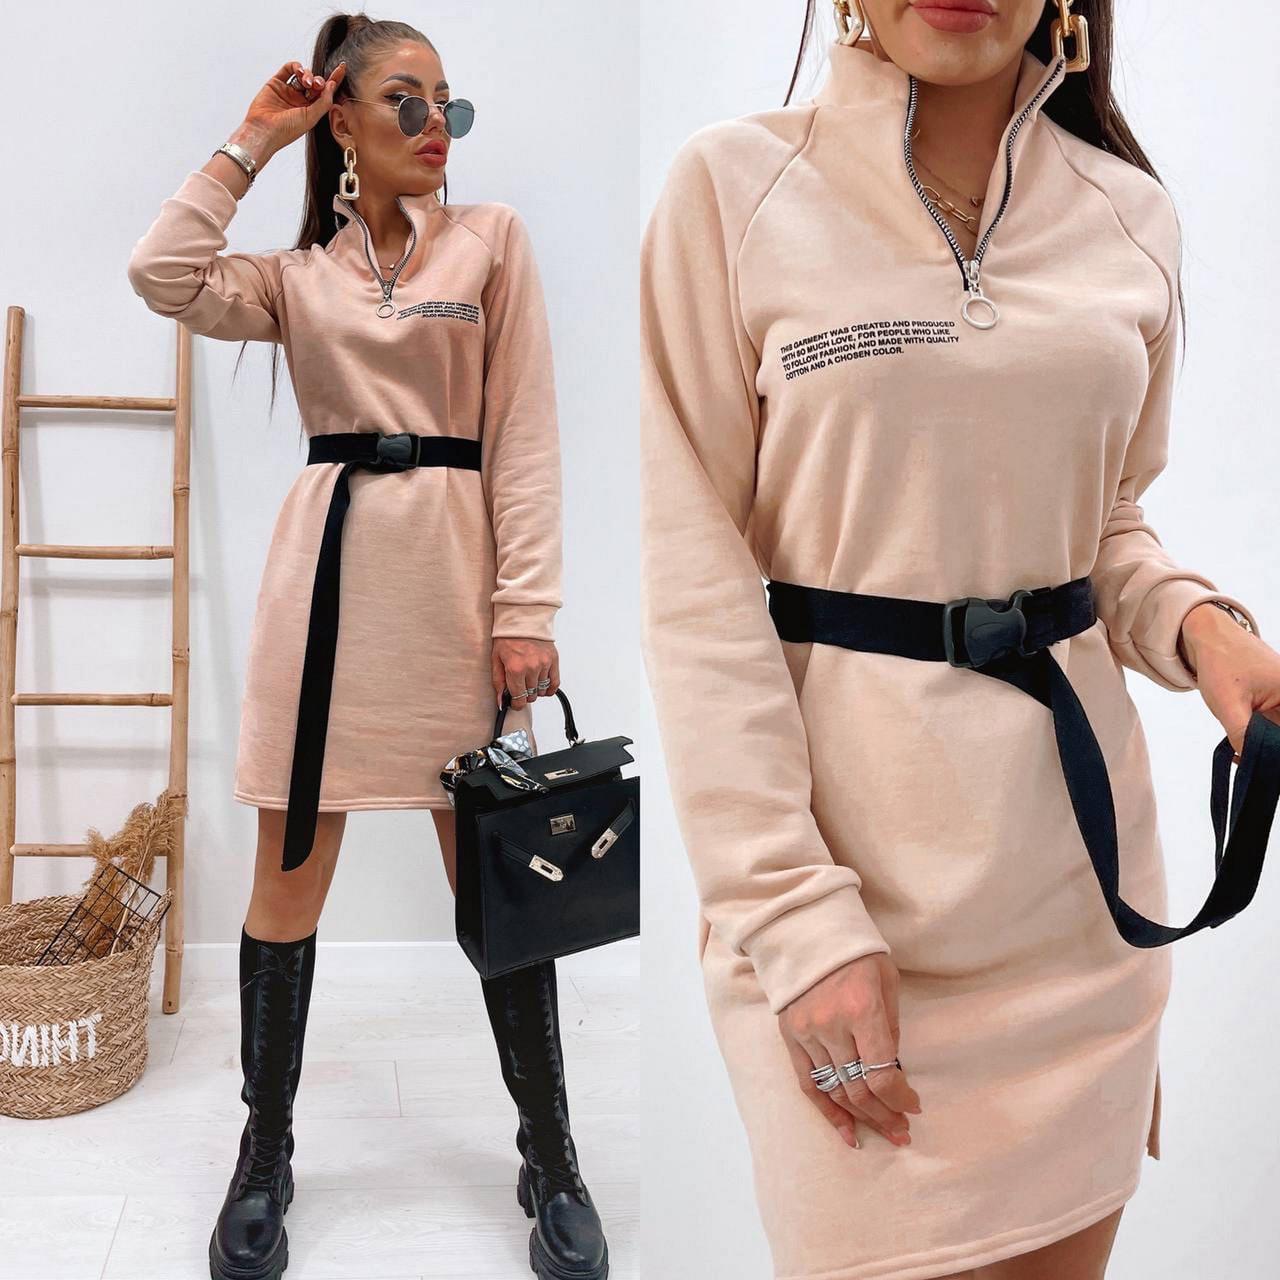 Коротке плаття на змійці в спортивному стилі з довгим рукавом, 00804 (Бежевий), Розмір 44 (M)